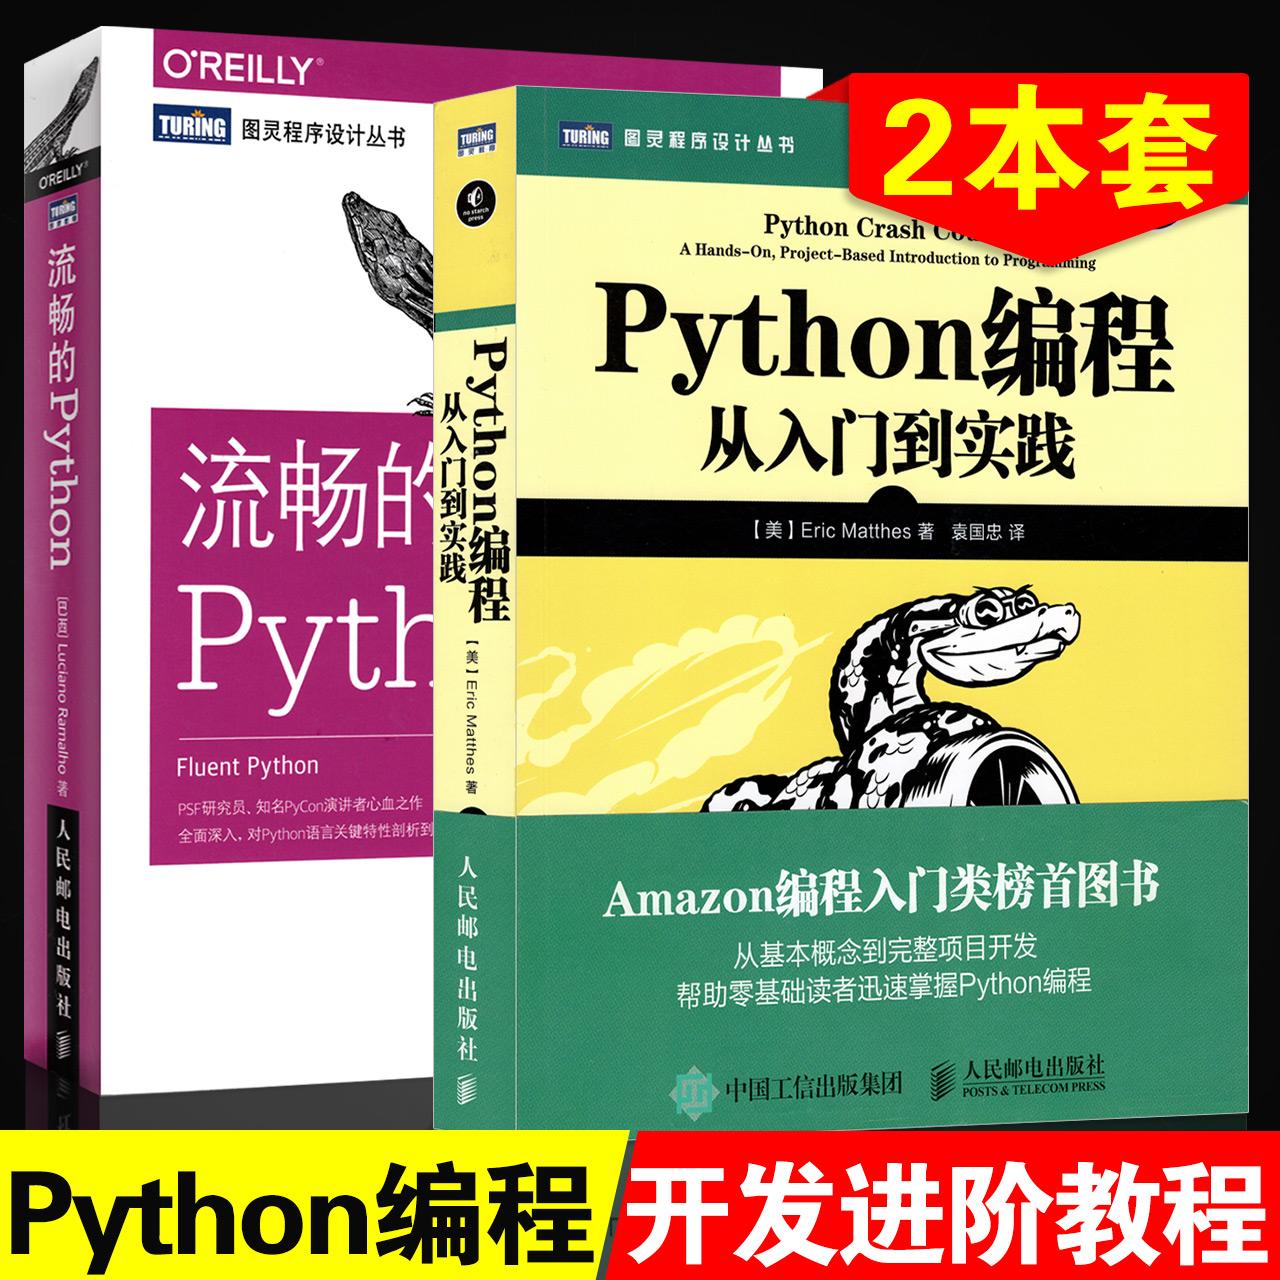 2本套 Python编程入门到实践 流畅python 核心编程的基础教程书籍 python3.5计算机程序设计教材 网络爬虫视频教程从入门到精通